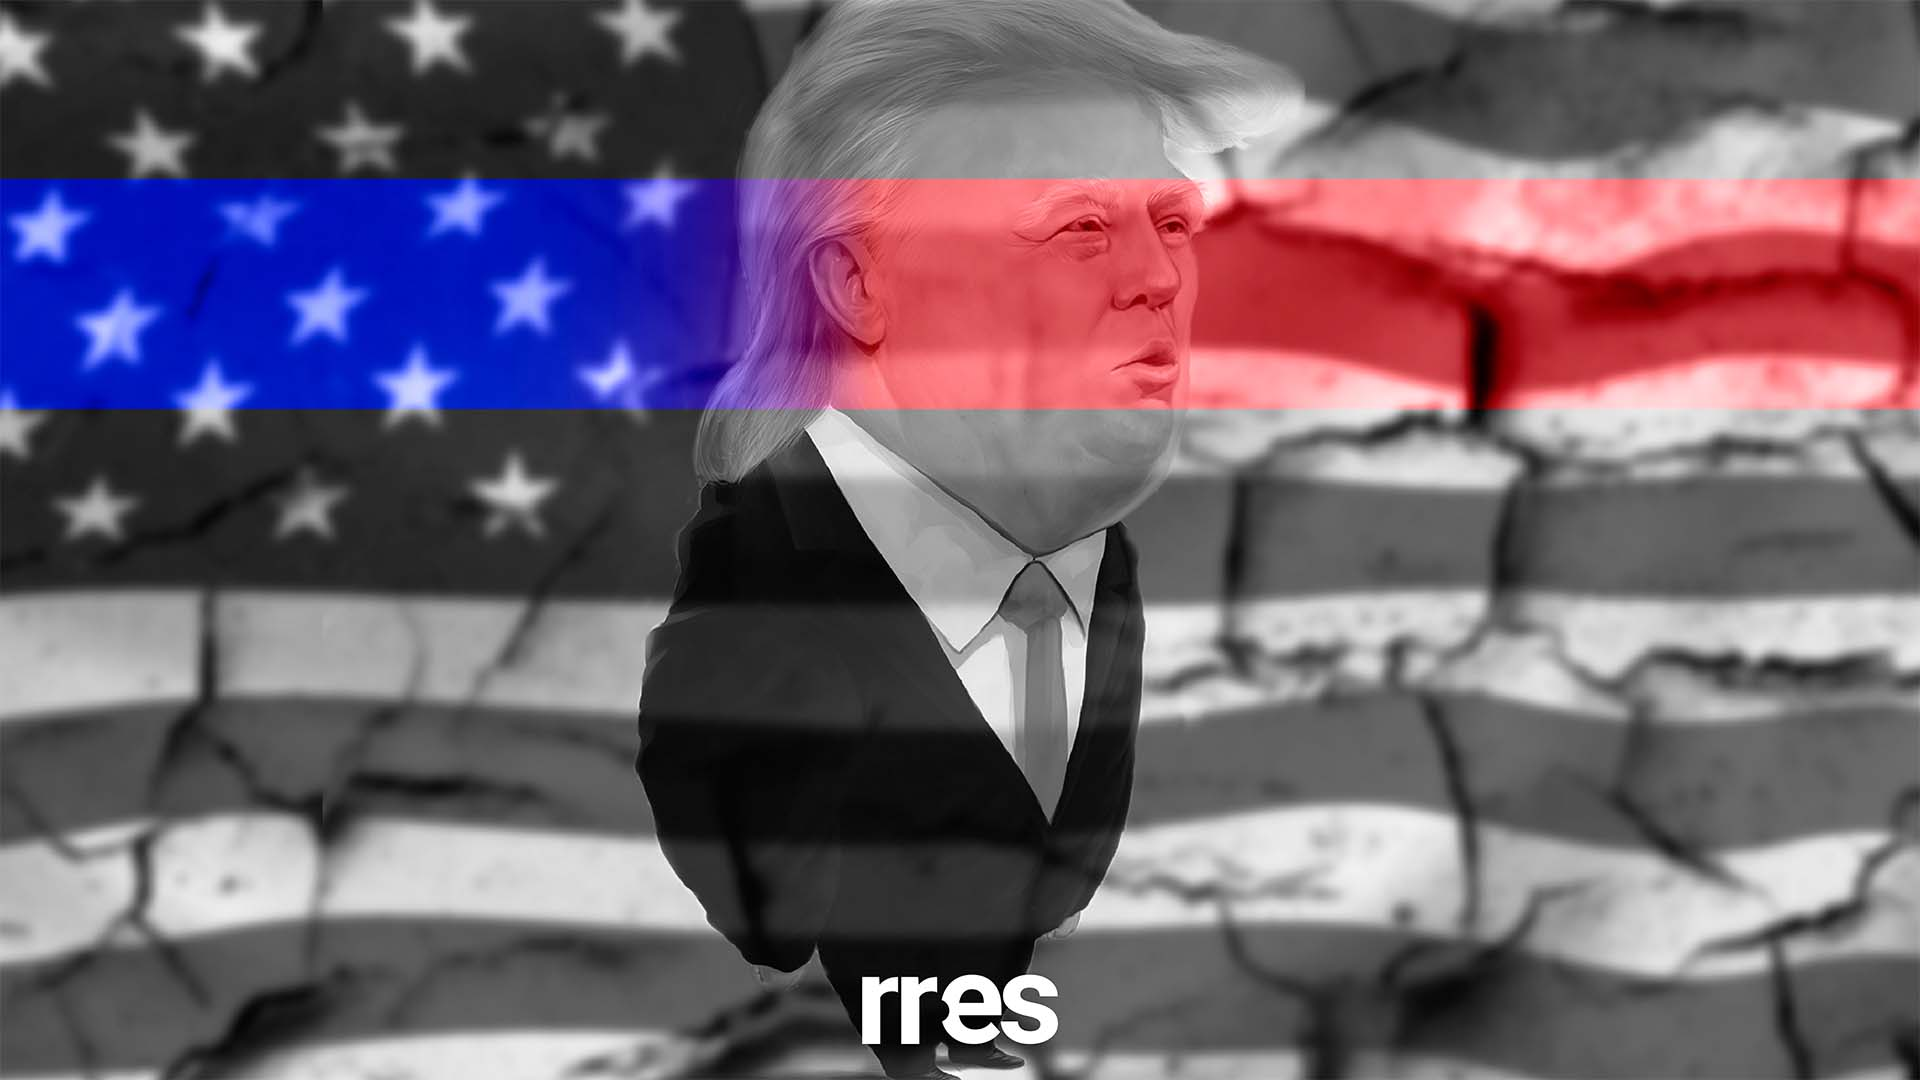 Donald Trump y las elecciones en USA: la democracia como dilema, por Wilfredo Urbina